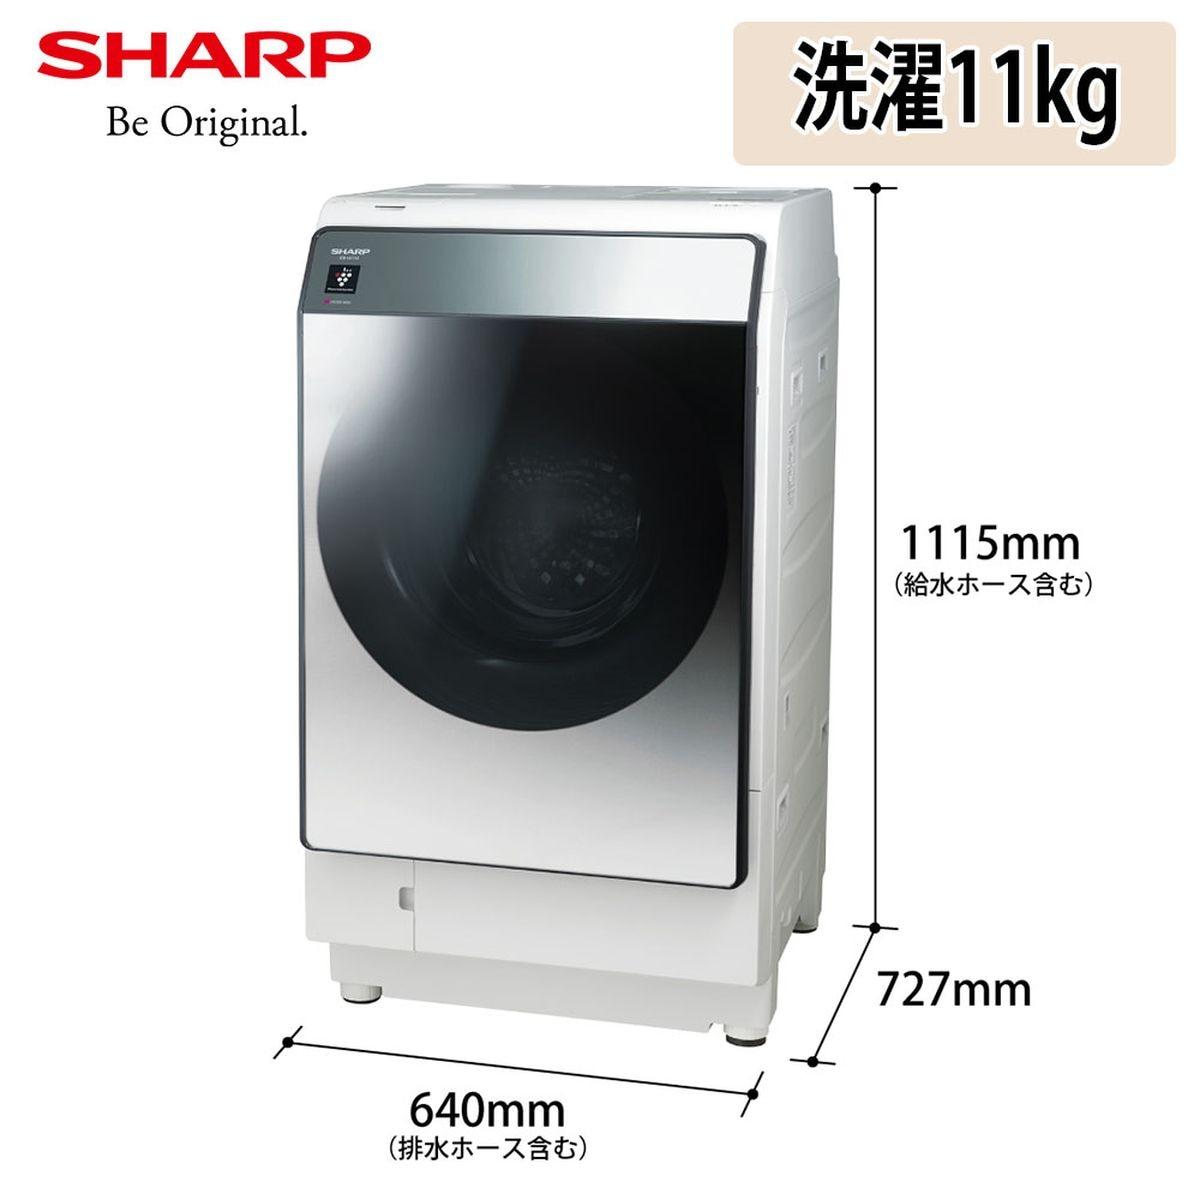 SHARP ドラム式洗濯乾燥機(洗濯11kg)シルバー系・左開き【大型商品(設置工事可)】 ES-W114-SL